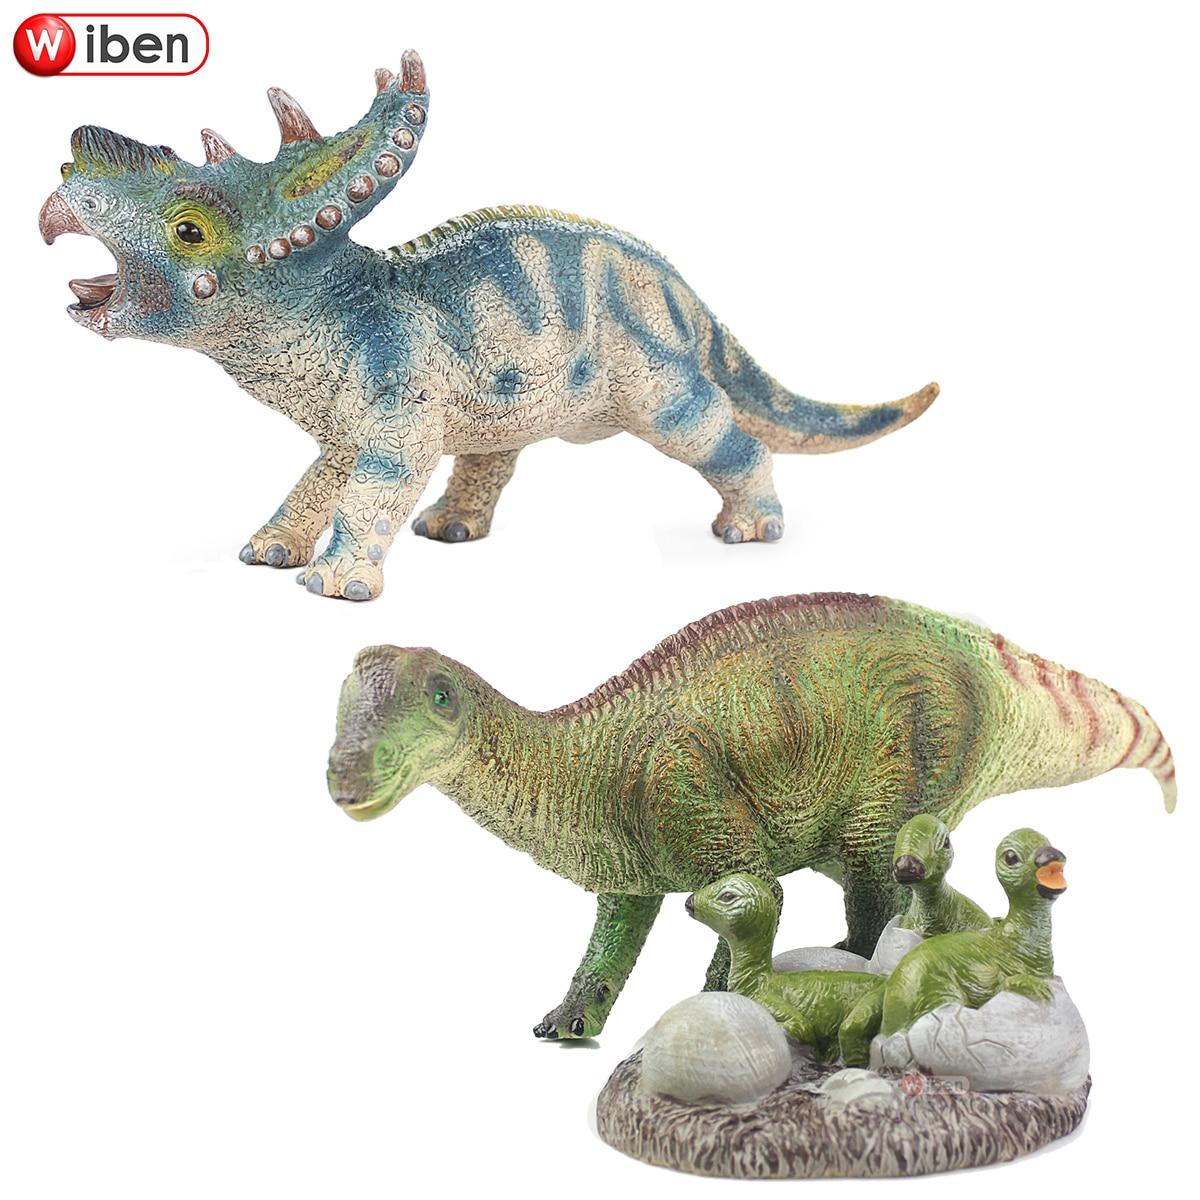 Wiben Simulação Jurássico Pachyrhinosaurus Maiasaura Brinquedos Modelo Coleção Figuras de Ação & Toy Animal macio do Dinossauro para o Menino Gif